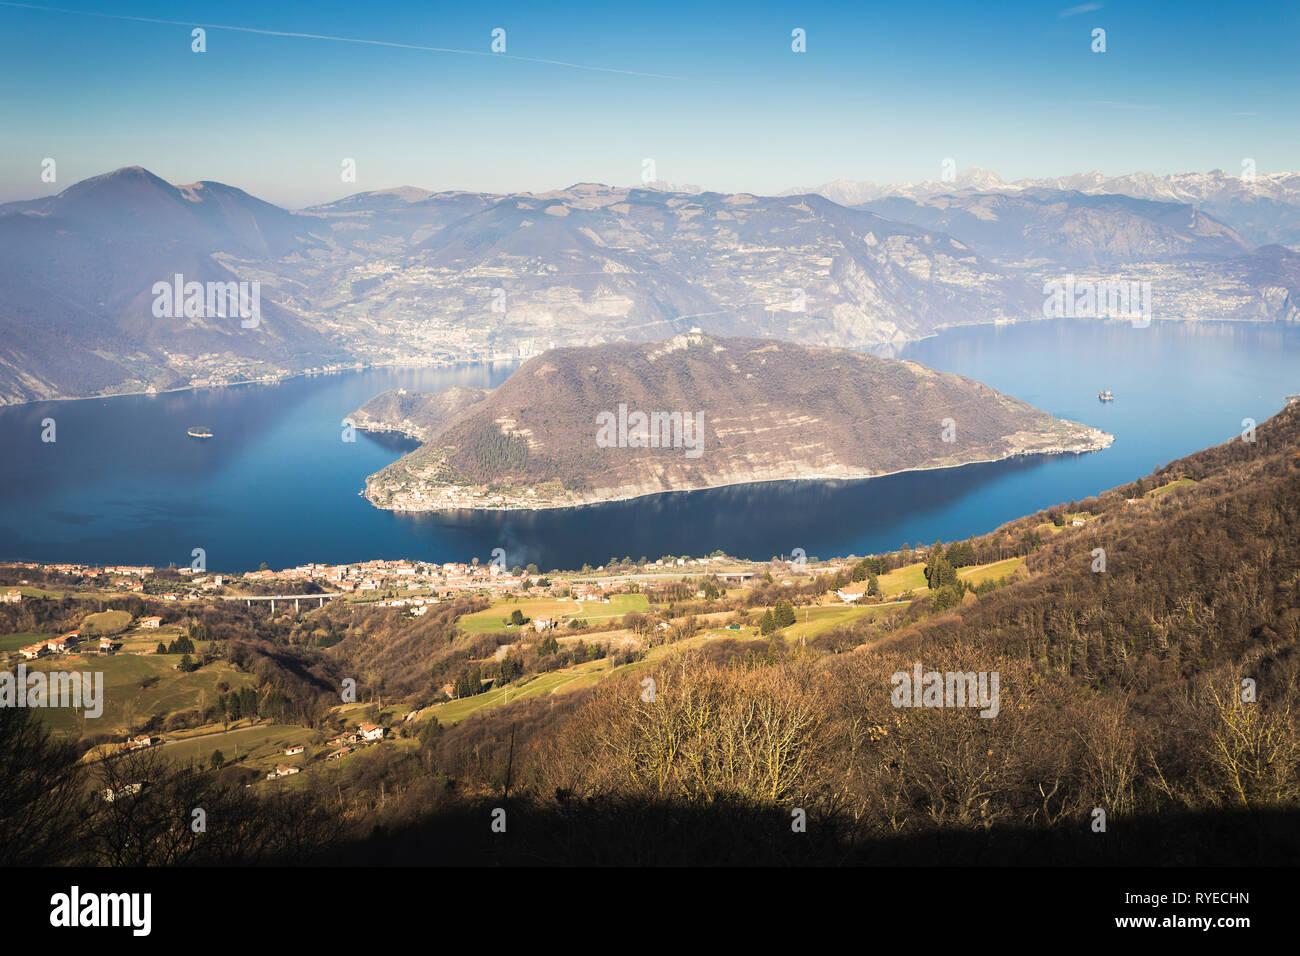 Iseo lake seen from Santa Maria del Giogo, Lombardy, Italy - Stock Image